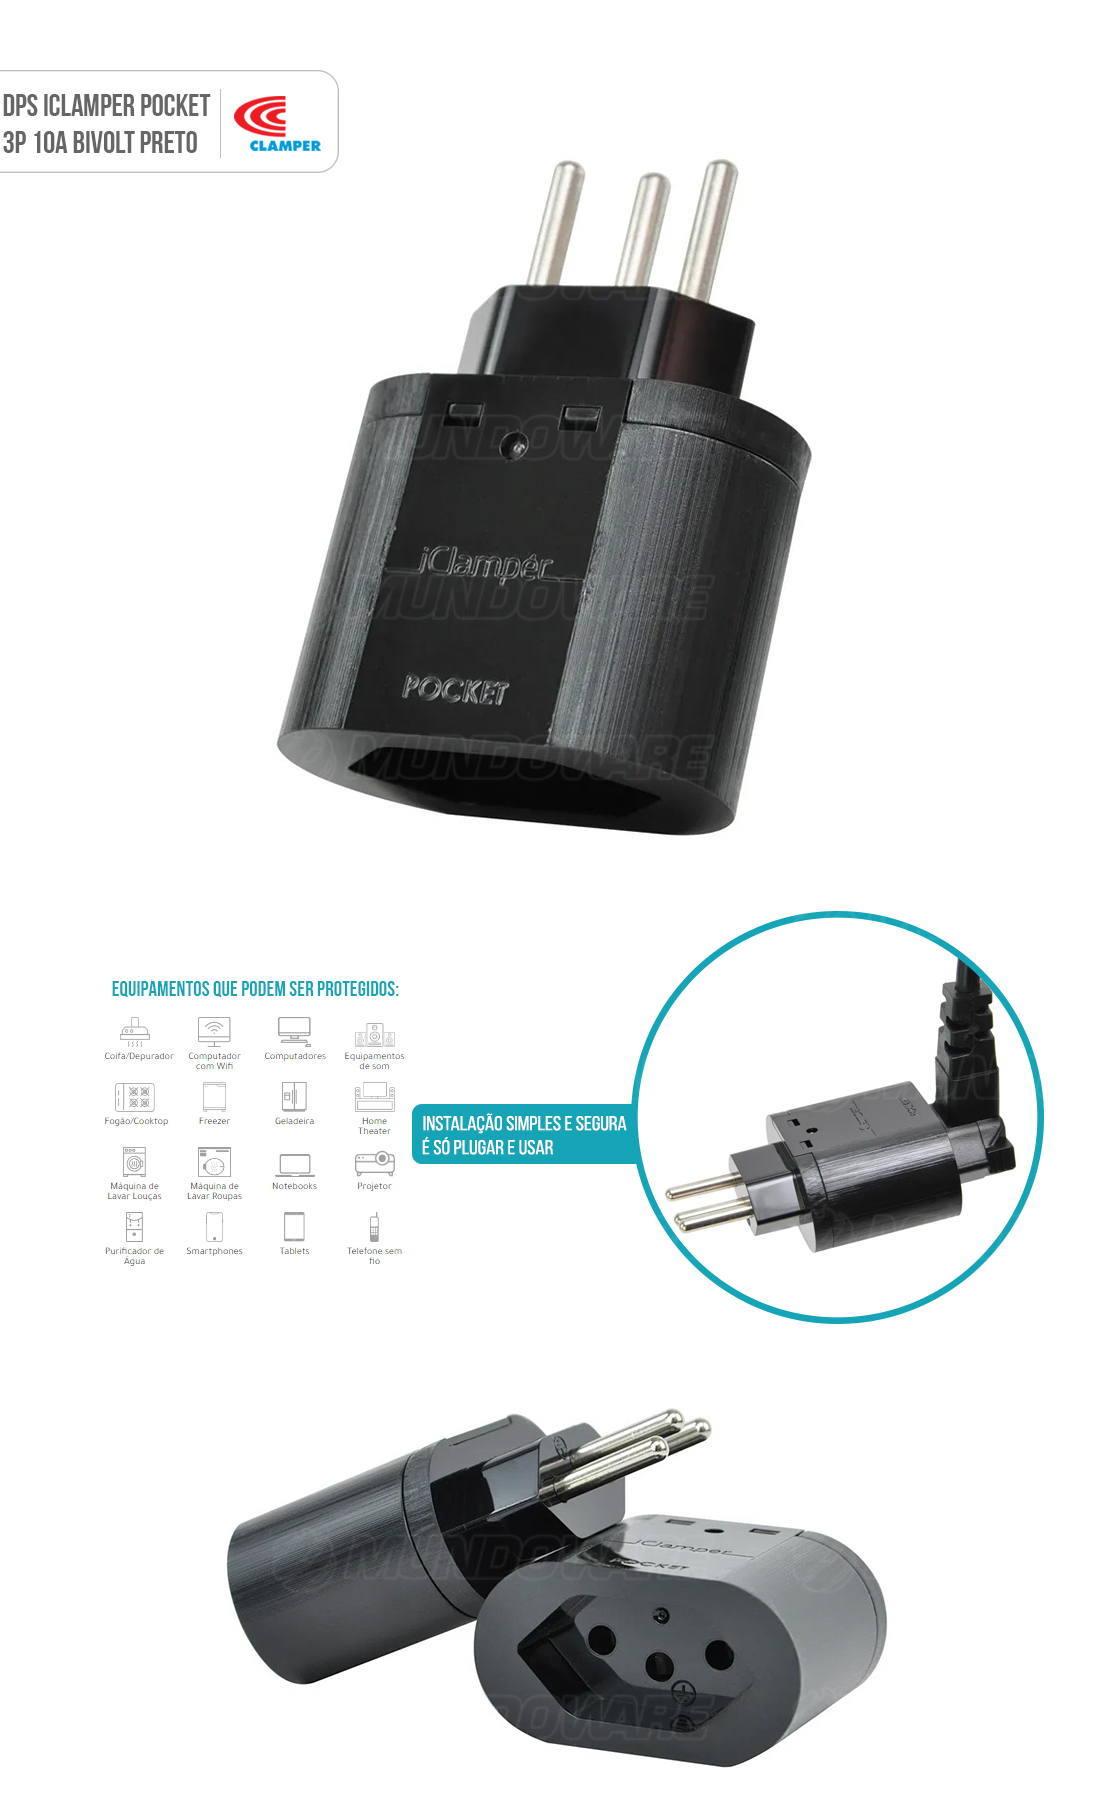 DPS iClamper Pocket 3 Pinos 10A Proteção contra Surtos Elétricos em Ambientes mesmo sem Aterramento Clamper 3P Preto